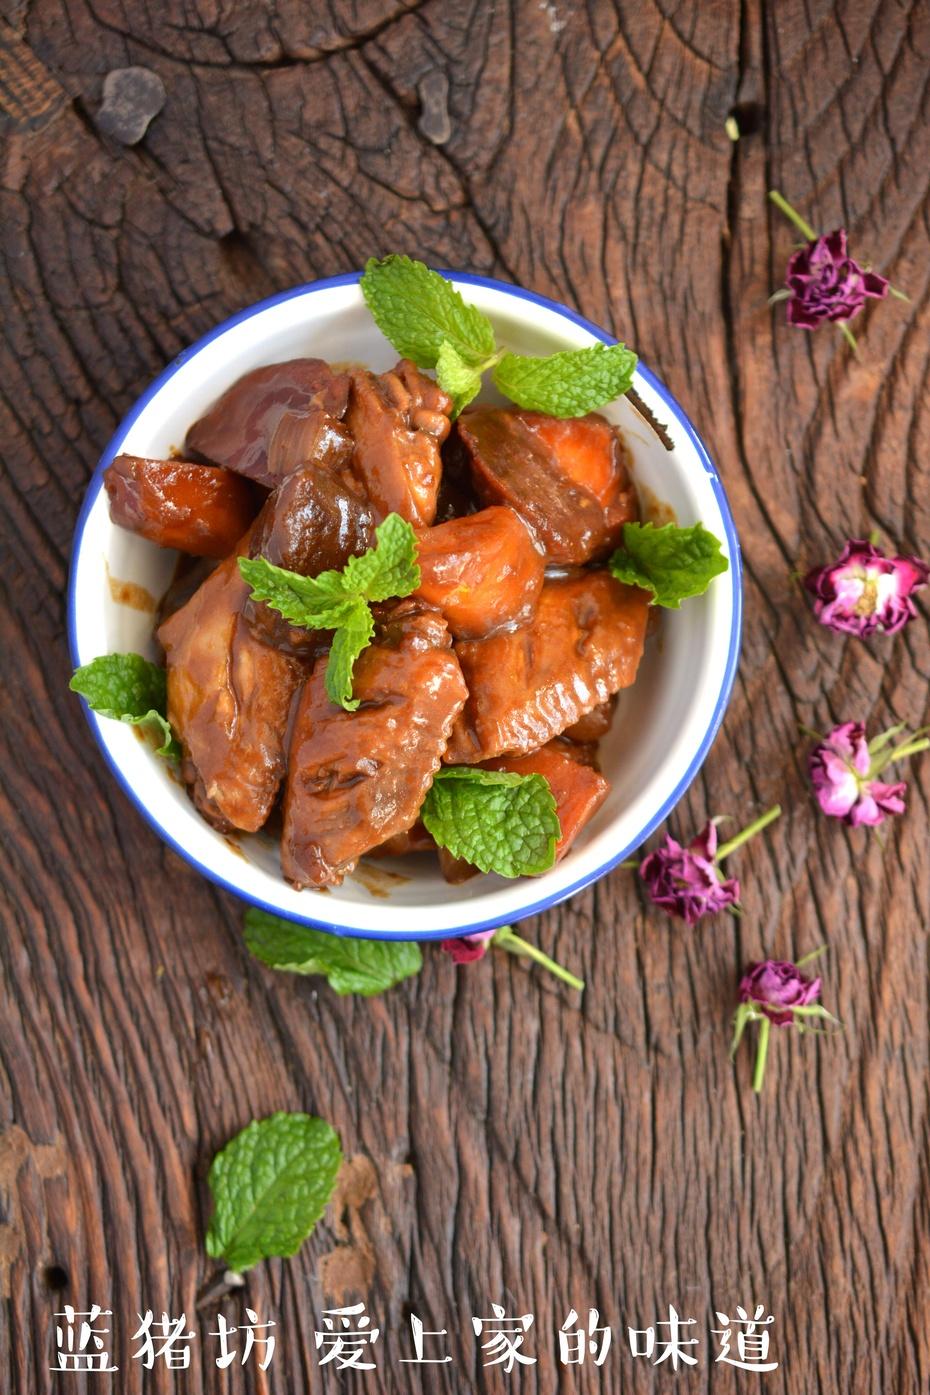 鸡翅最经典的做法是你想不到的它,学会快去嘚瑟哇 - 蓝冰滢 - 蓝猪坊 创意美食工作室